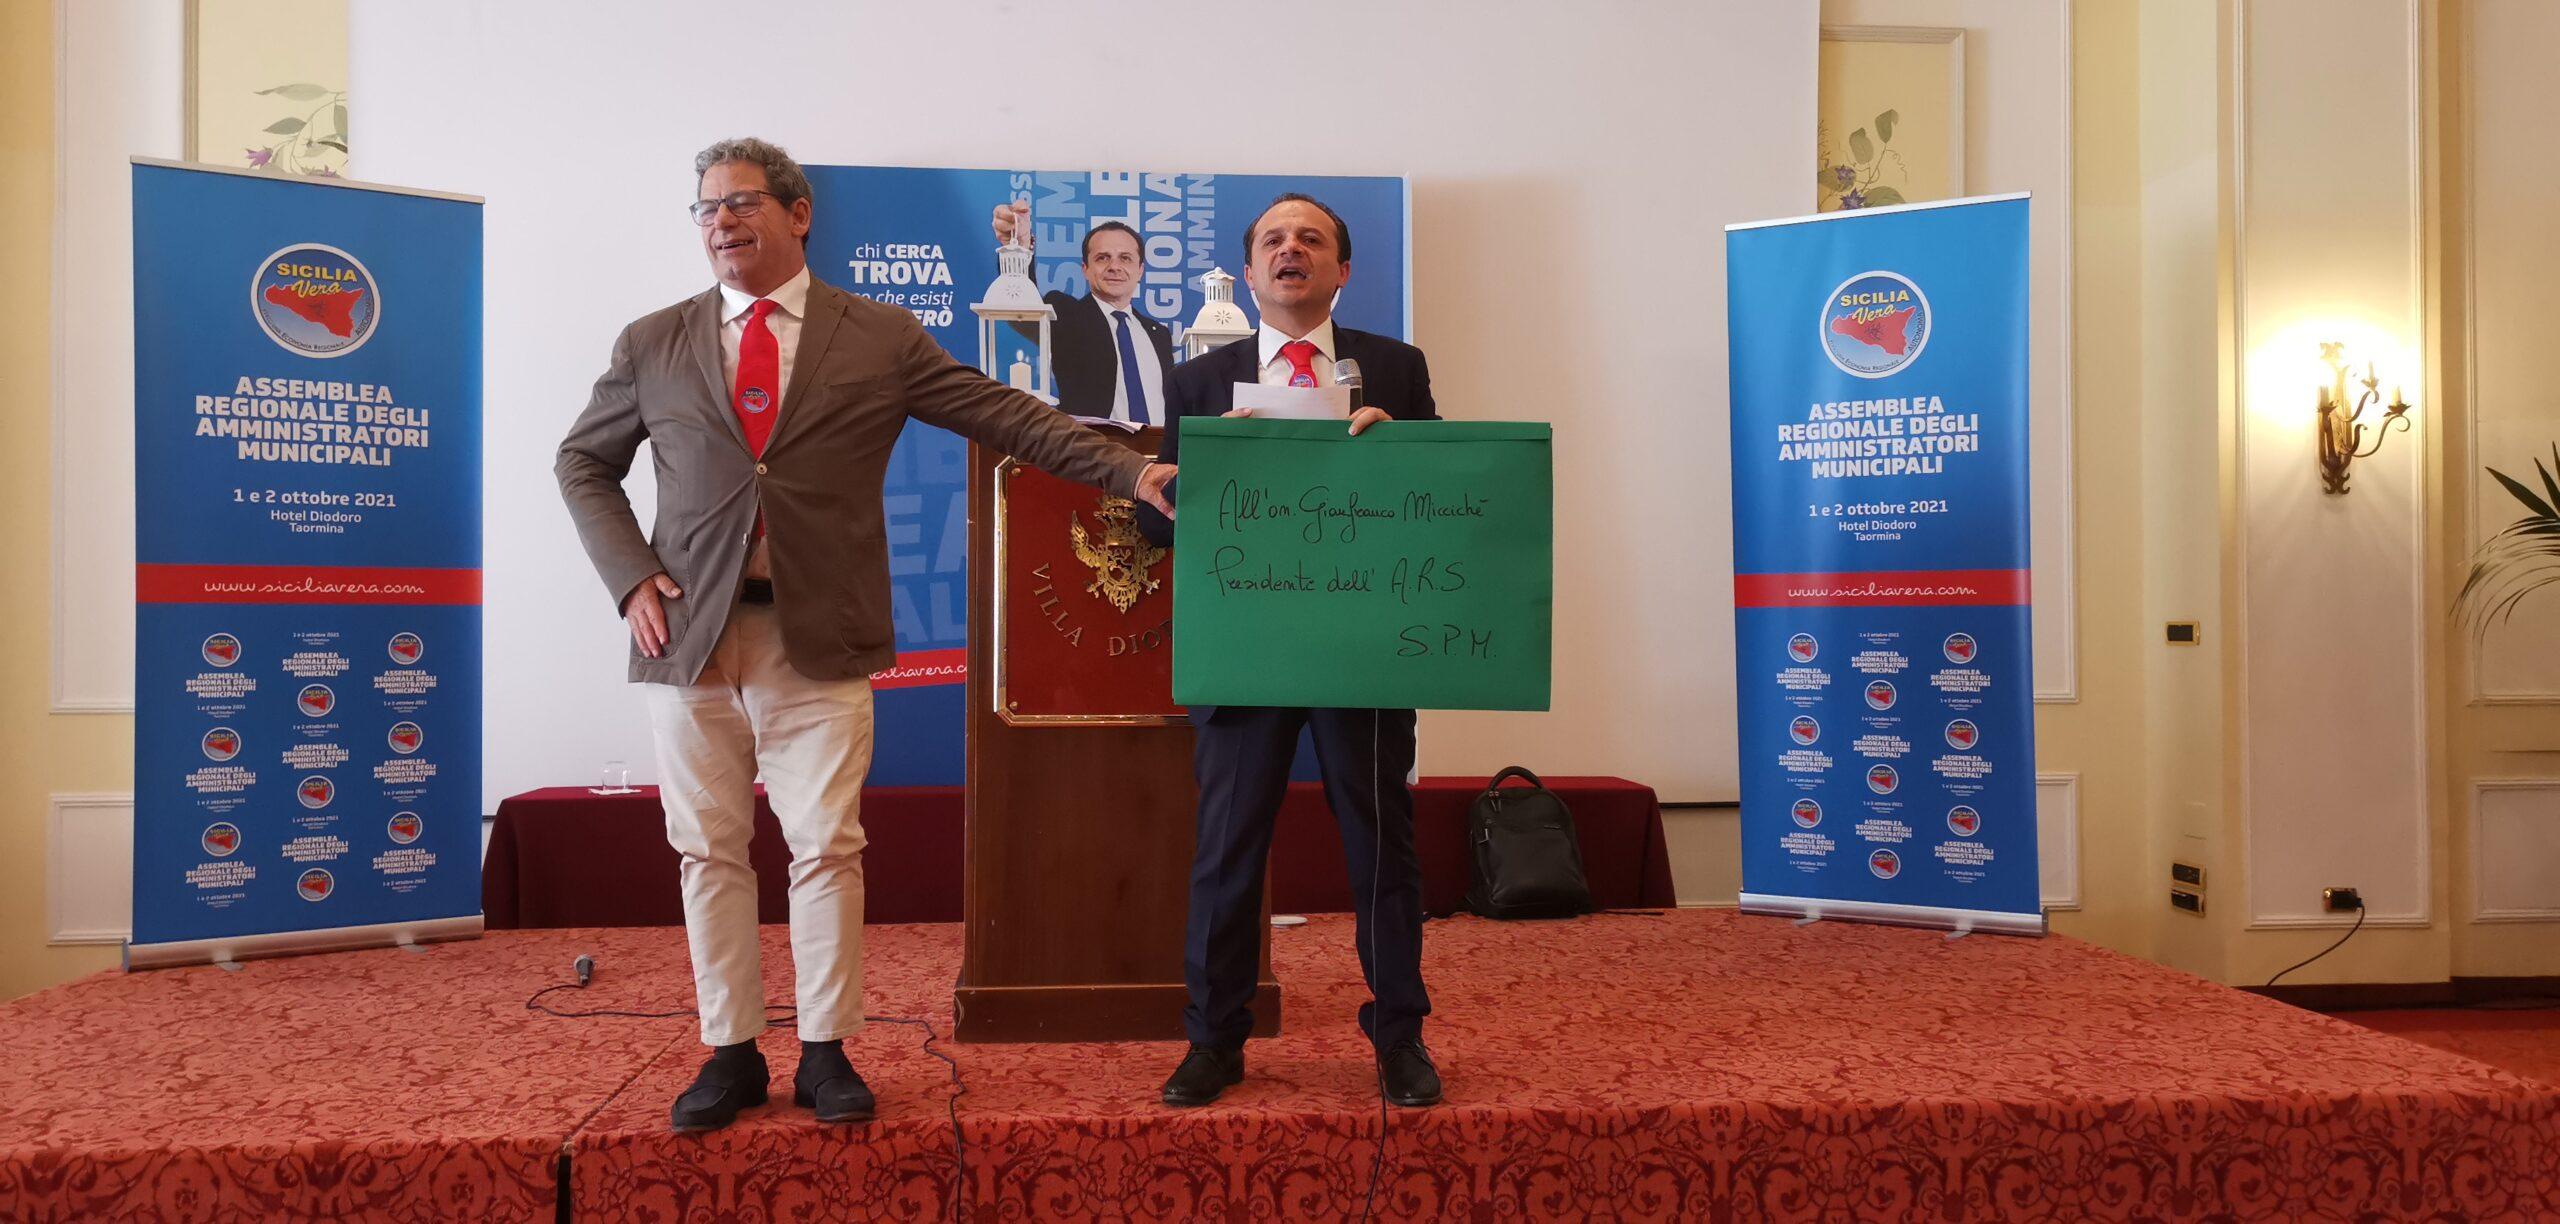 """FOTO: De Luca consegna """"avviso di sfratto a Miccichè"""""""